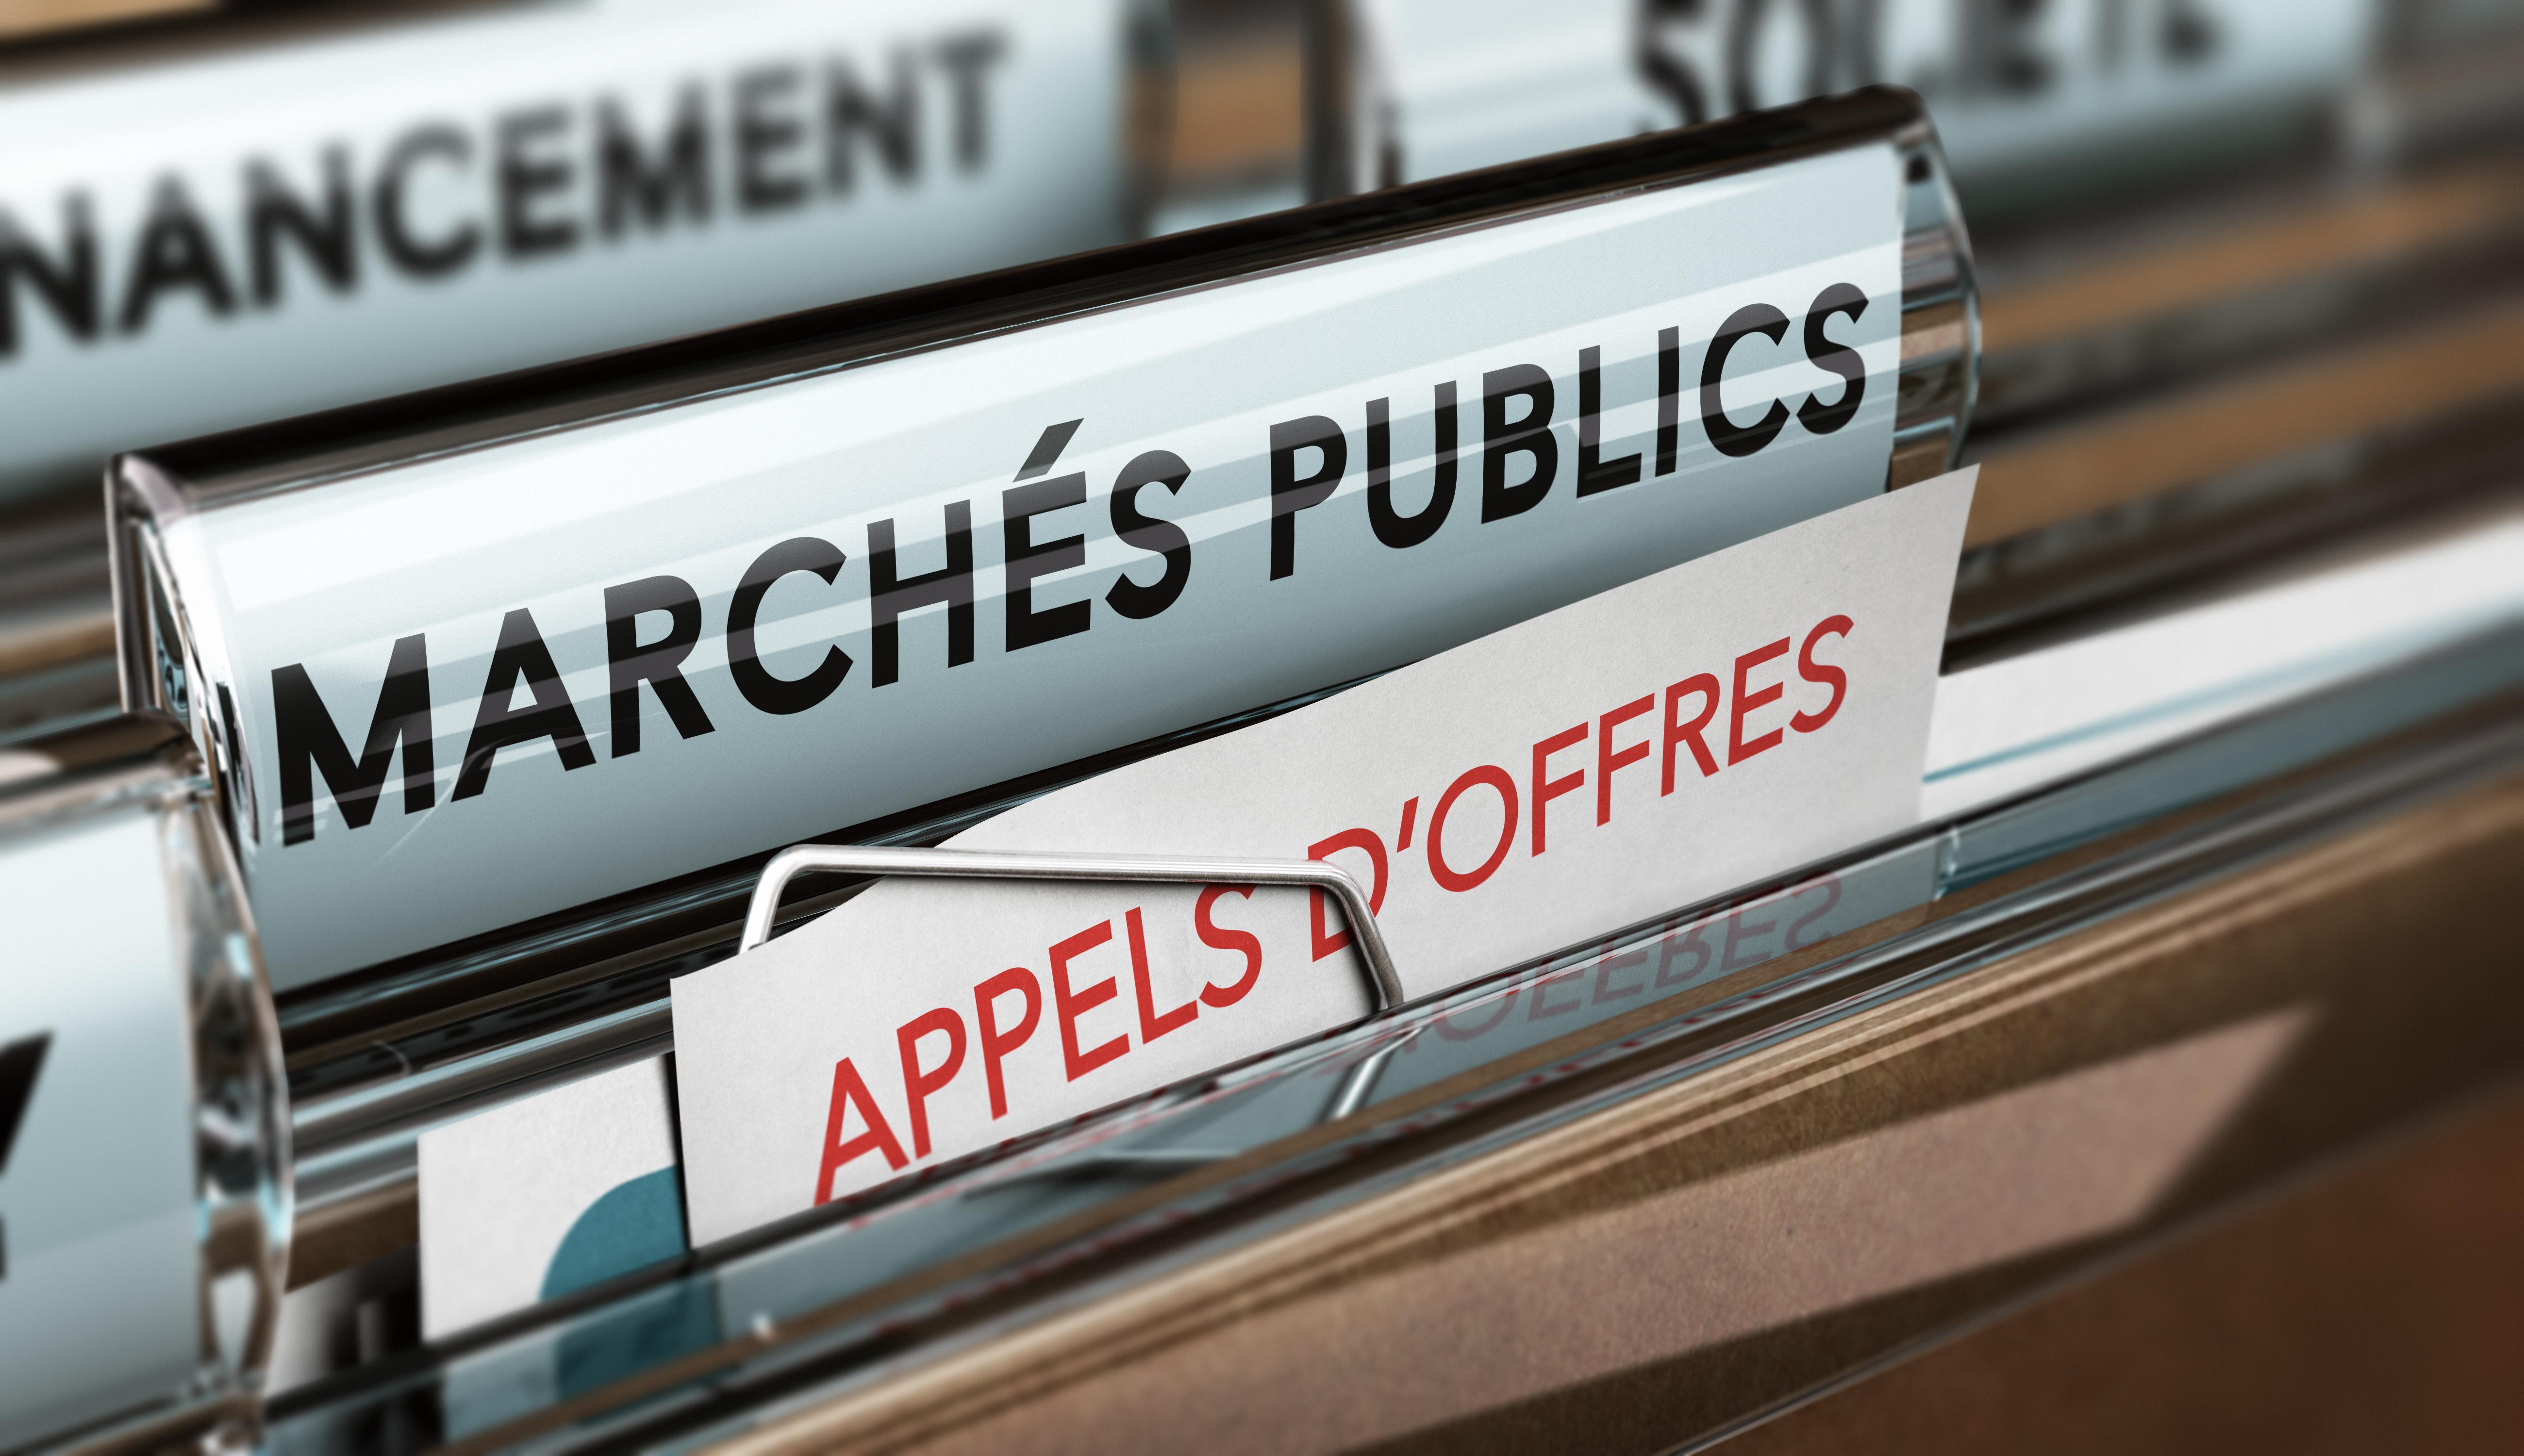 Les marchés publics / La mairie - Ville de Chatou - Le site officiel